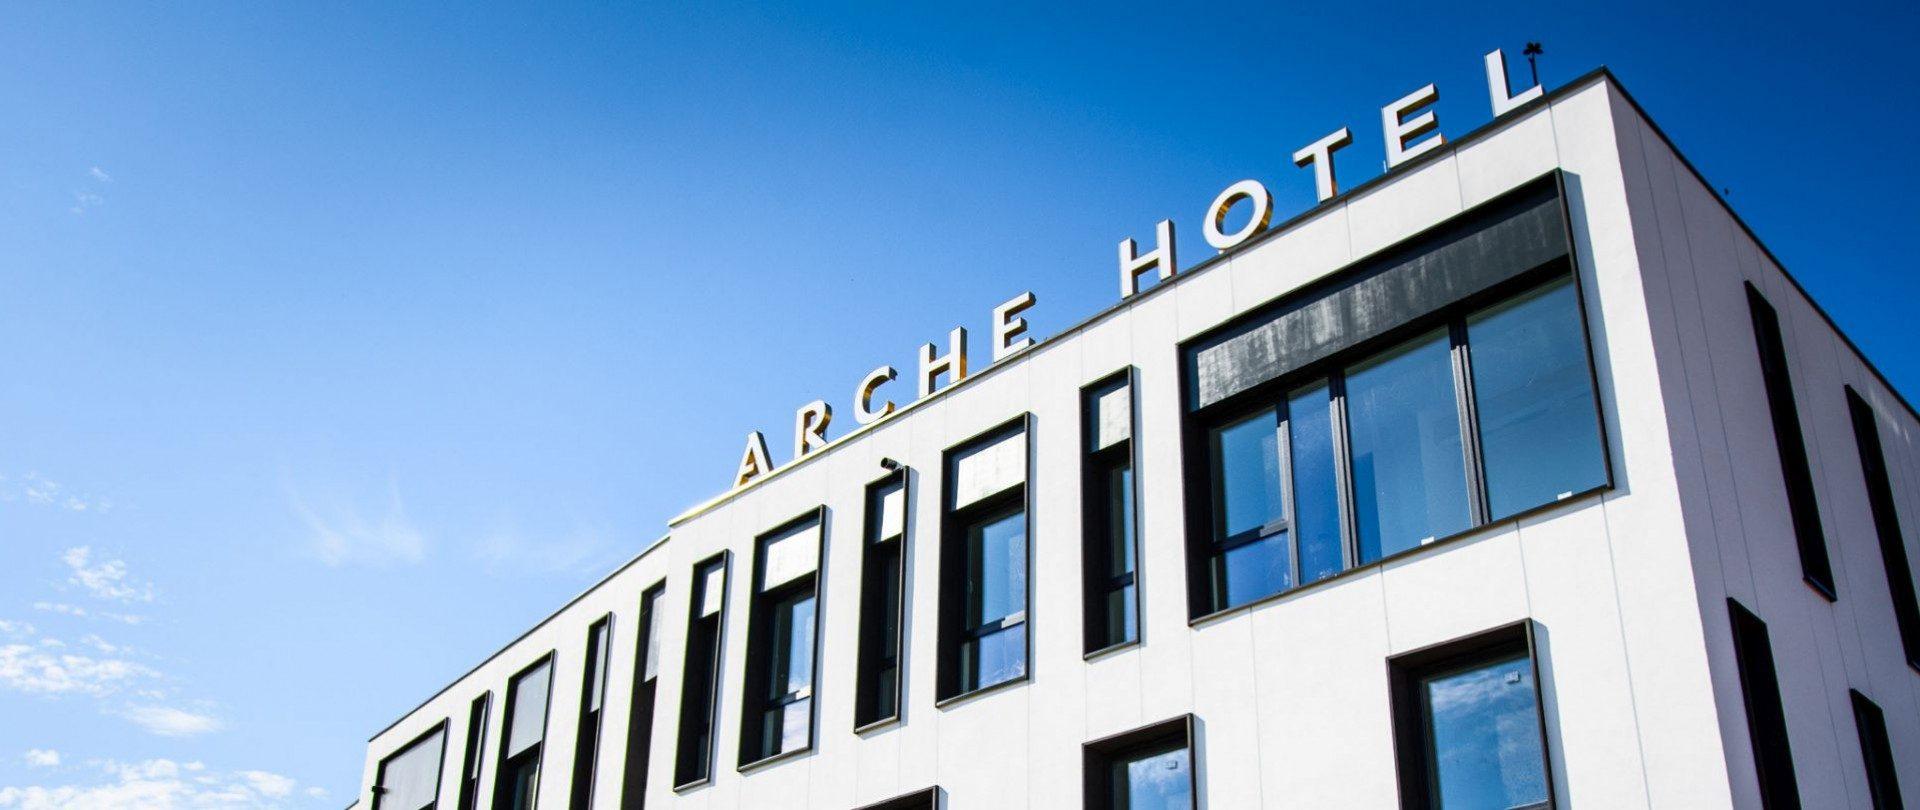 Uroczyste otwarcie Arche Hotelu Lublin